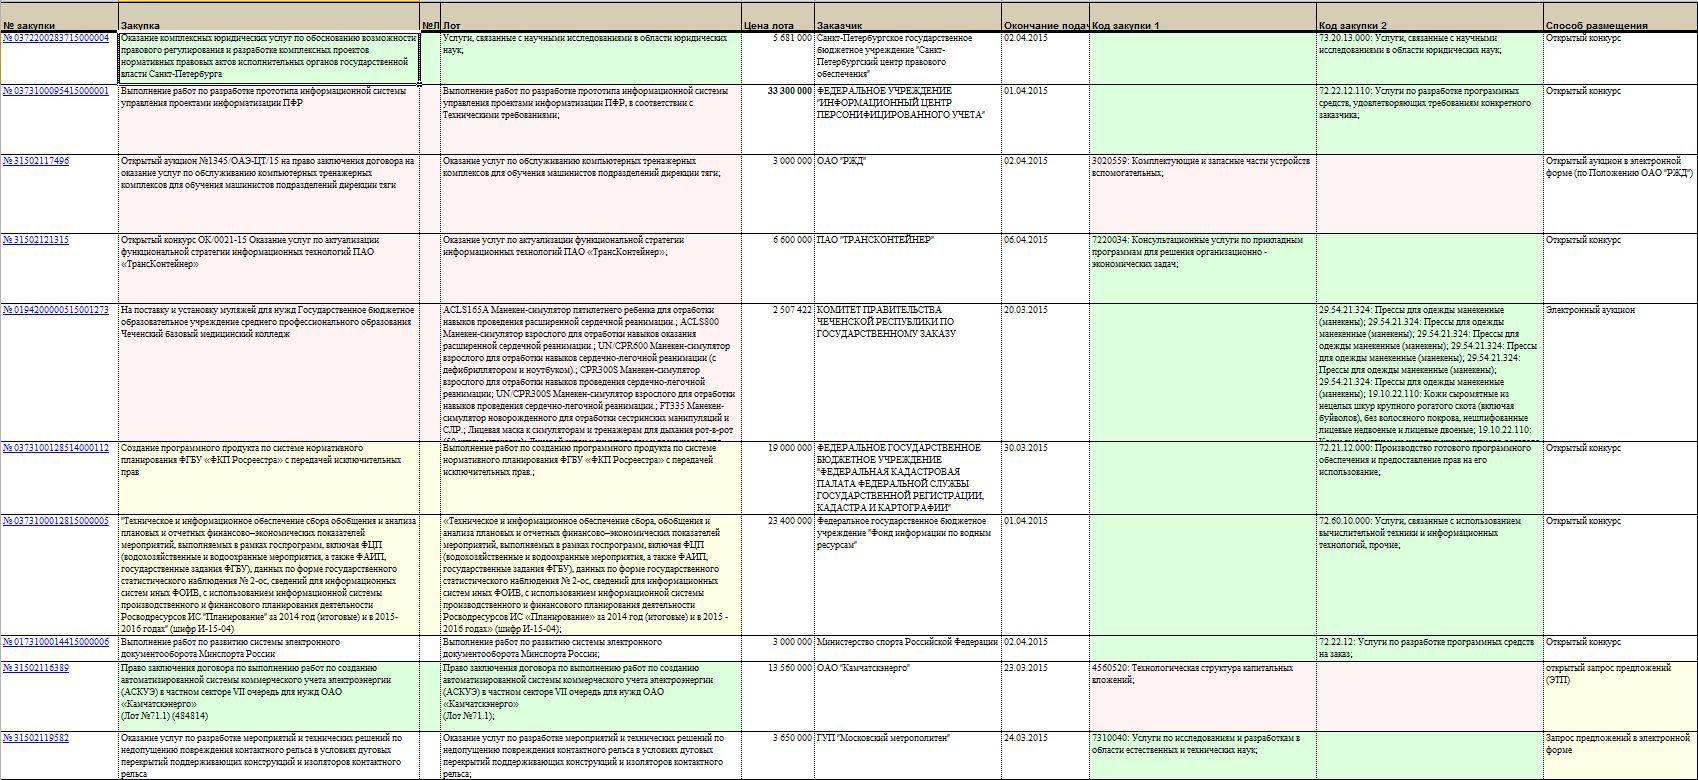 сравниение должностных инструкций 94 фз с 44фз